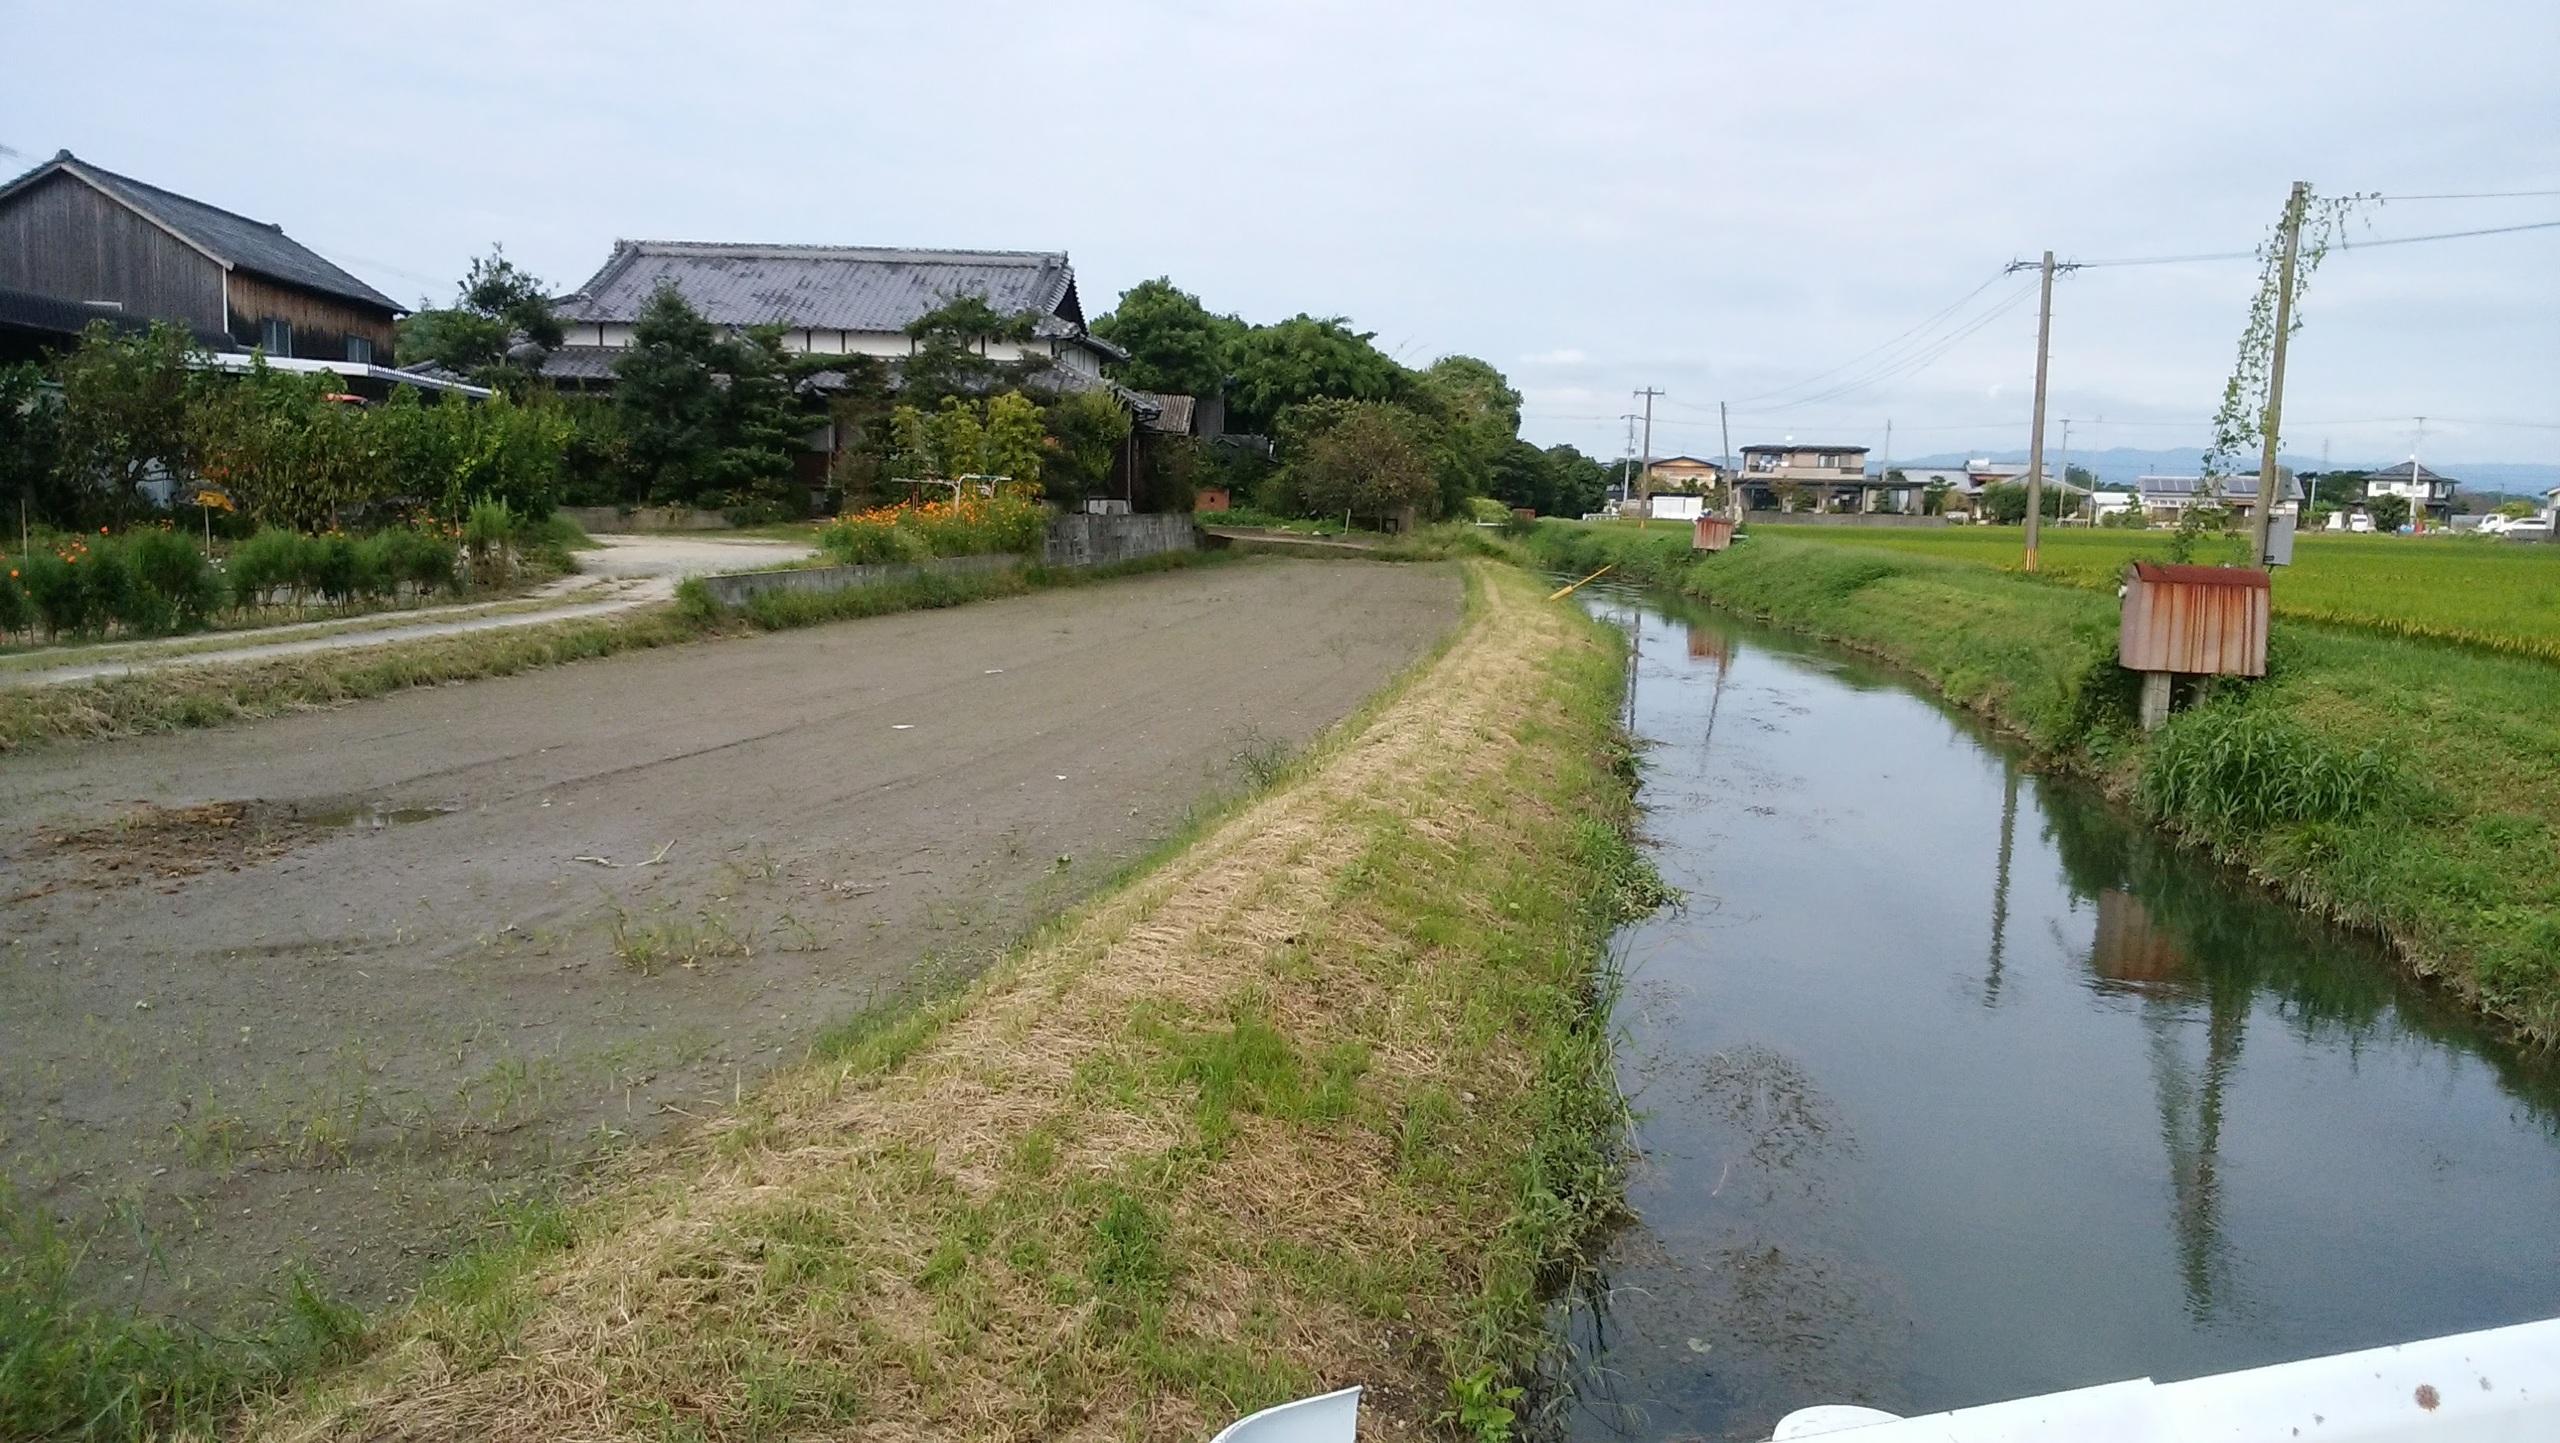 【外観写真】 南側に田んぼがあります。道路にして入り口にすることもできます。